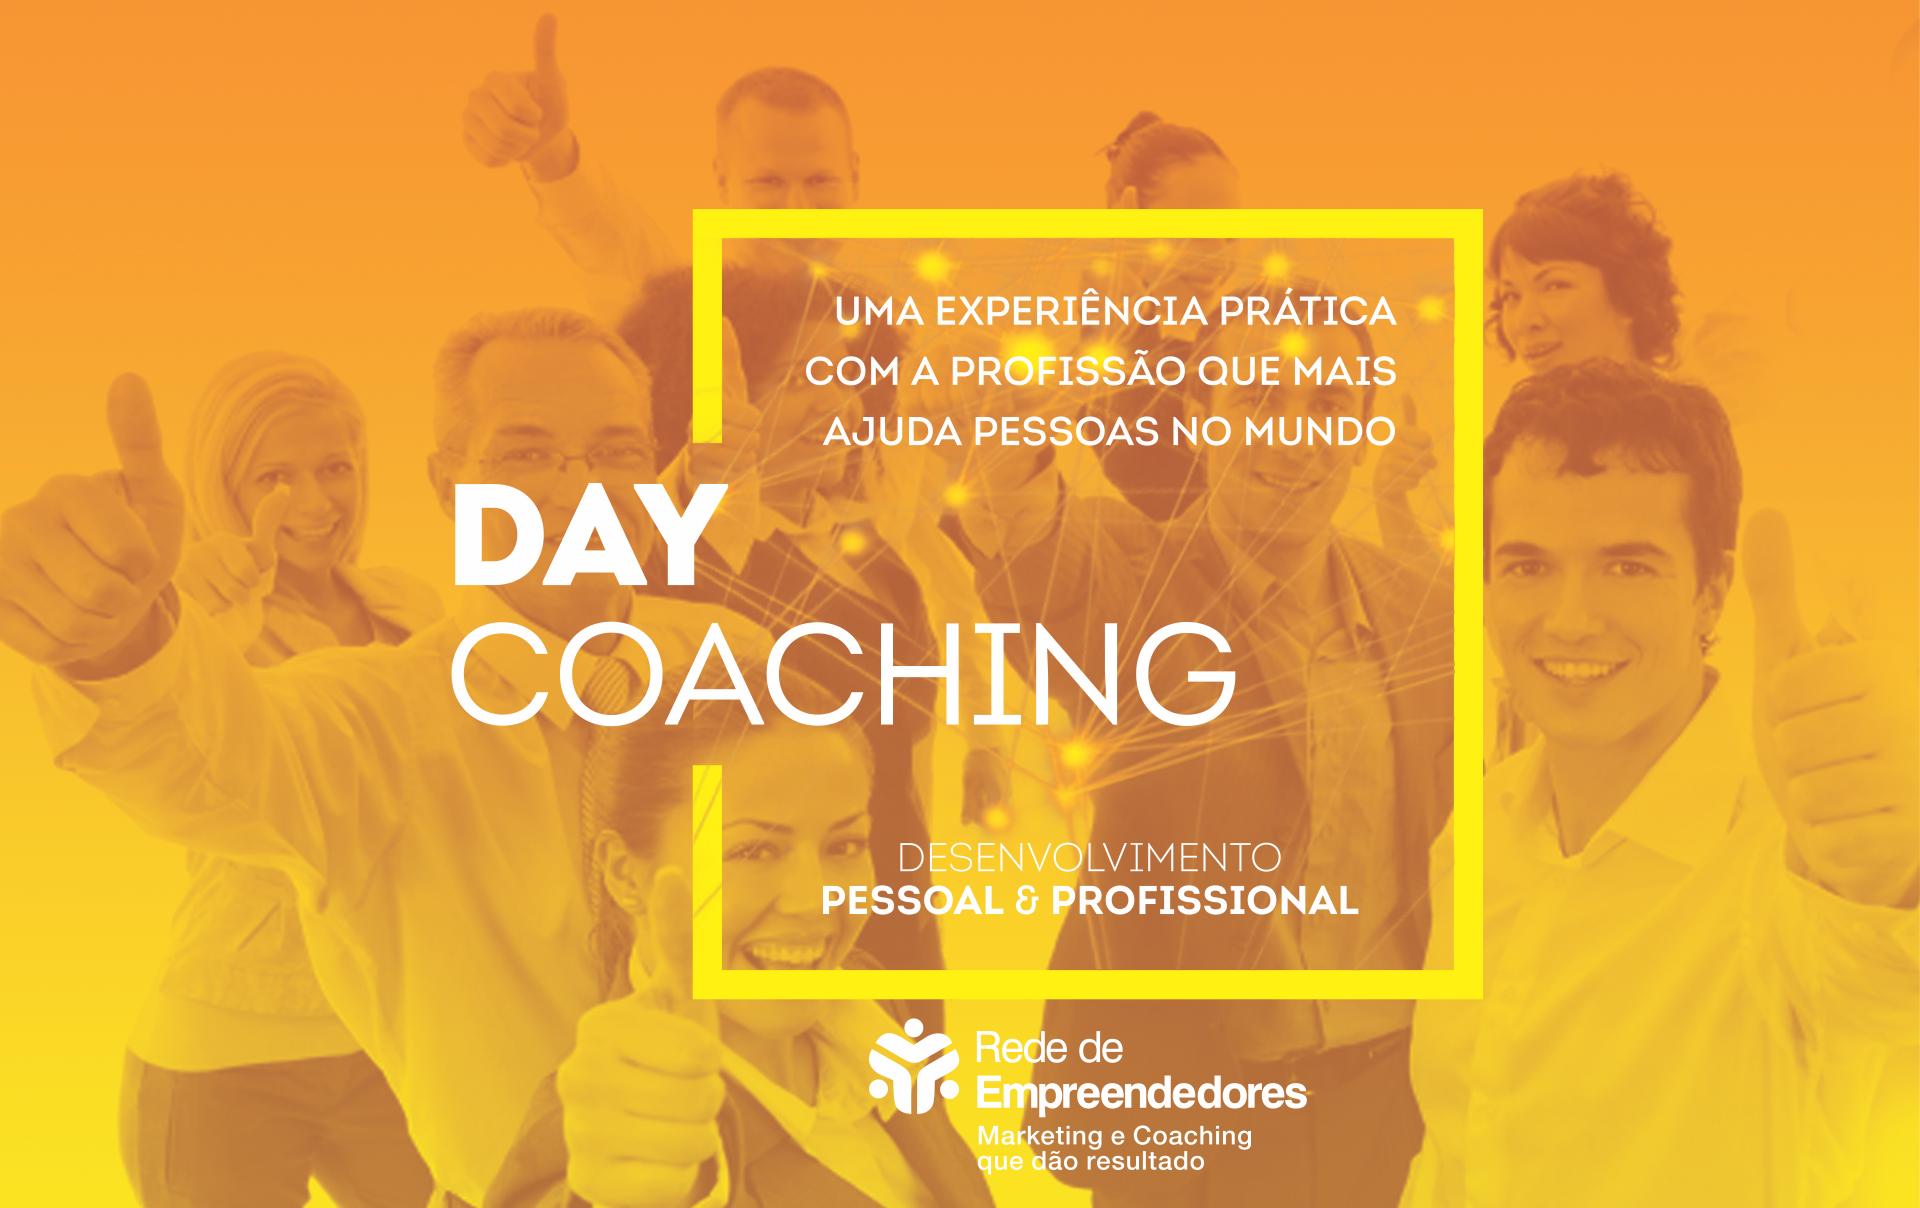 Day Coaching - Rede de Empreendedores - Santa Maria